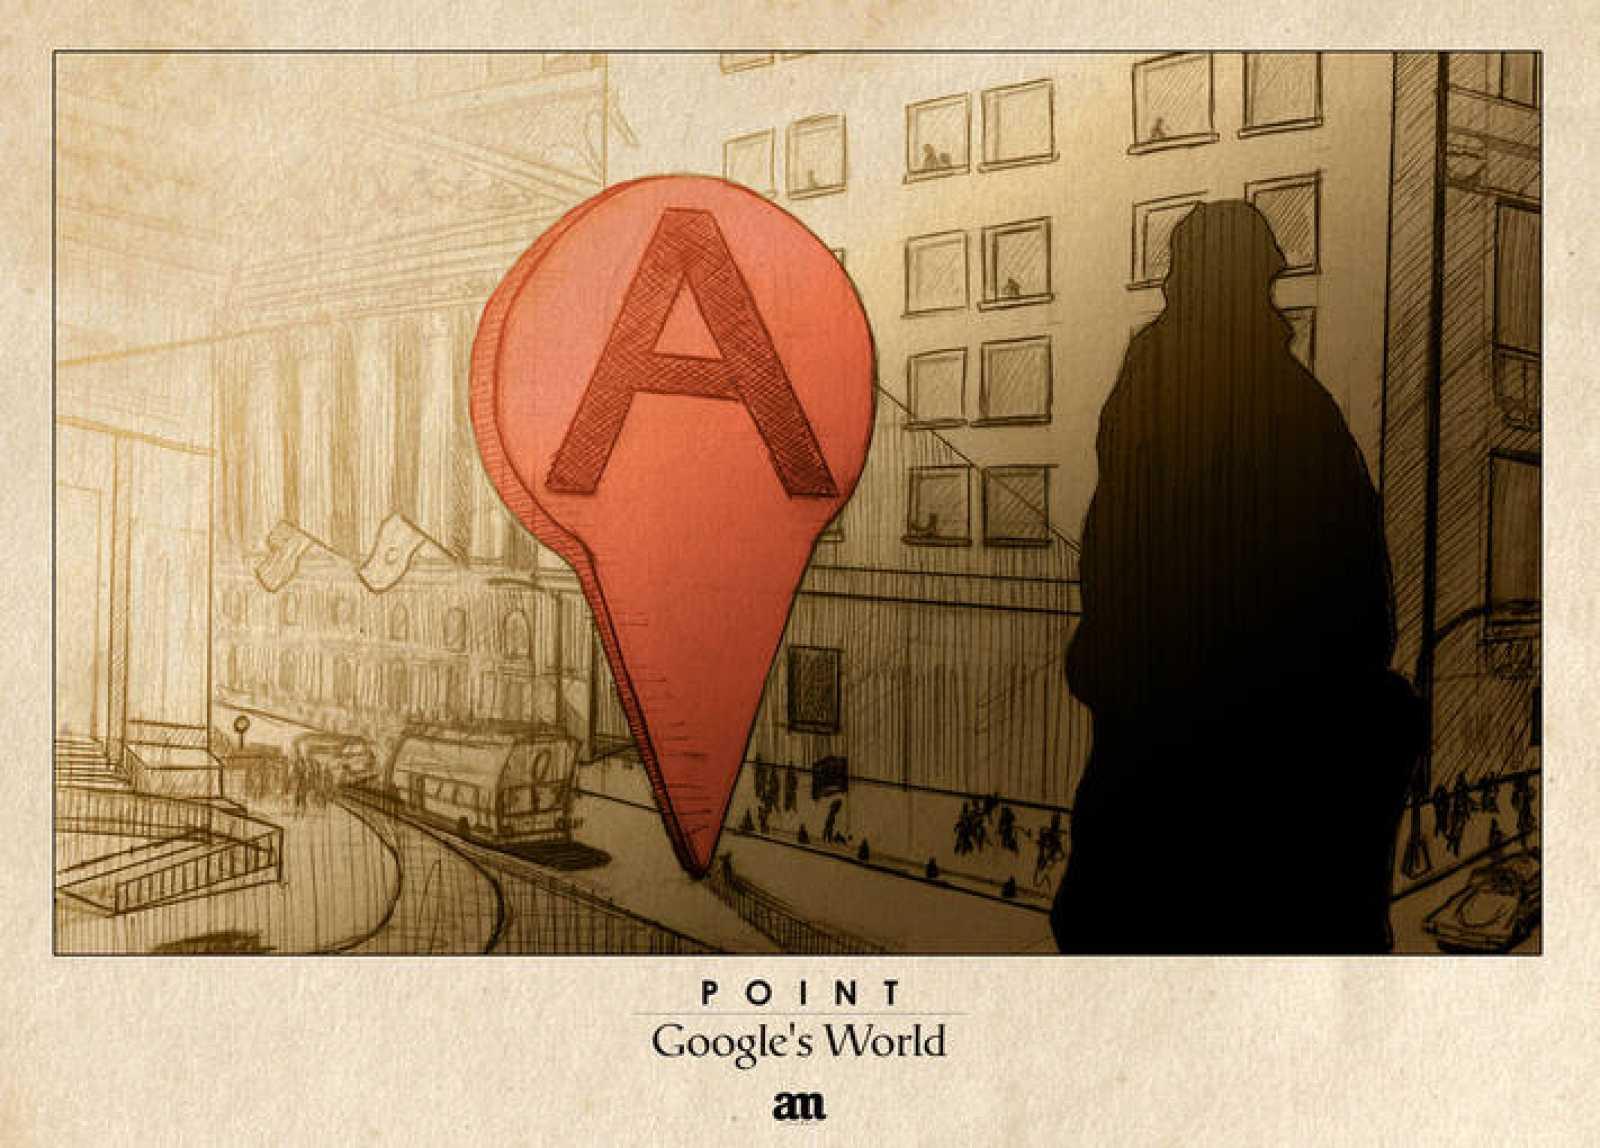 Un punto de señalización de Google desafía a un transeúnte